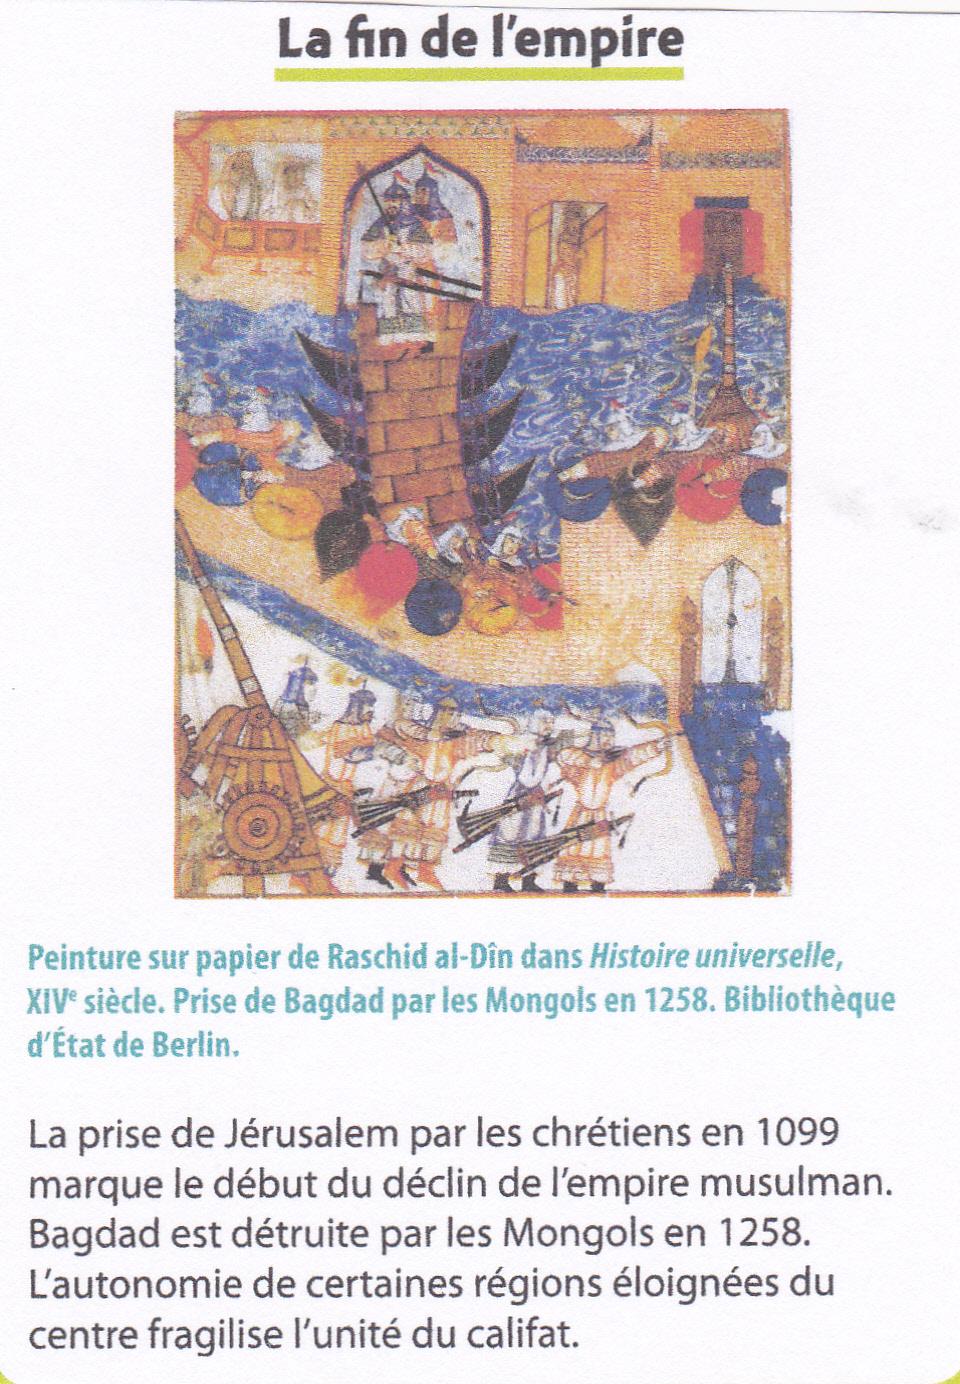 1258. Fin empire musulman.jpg